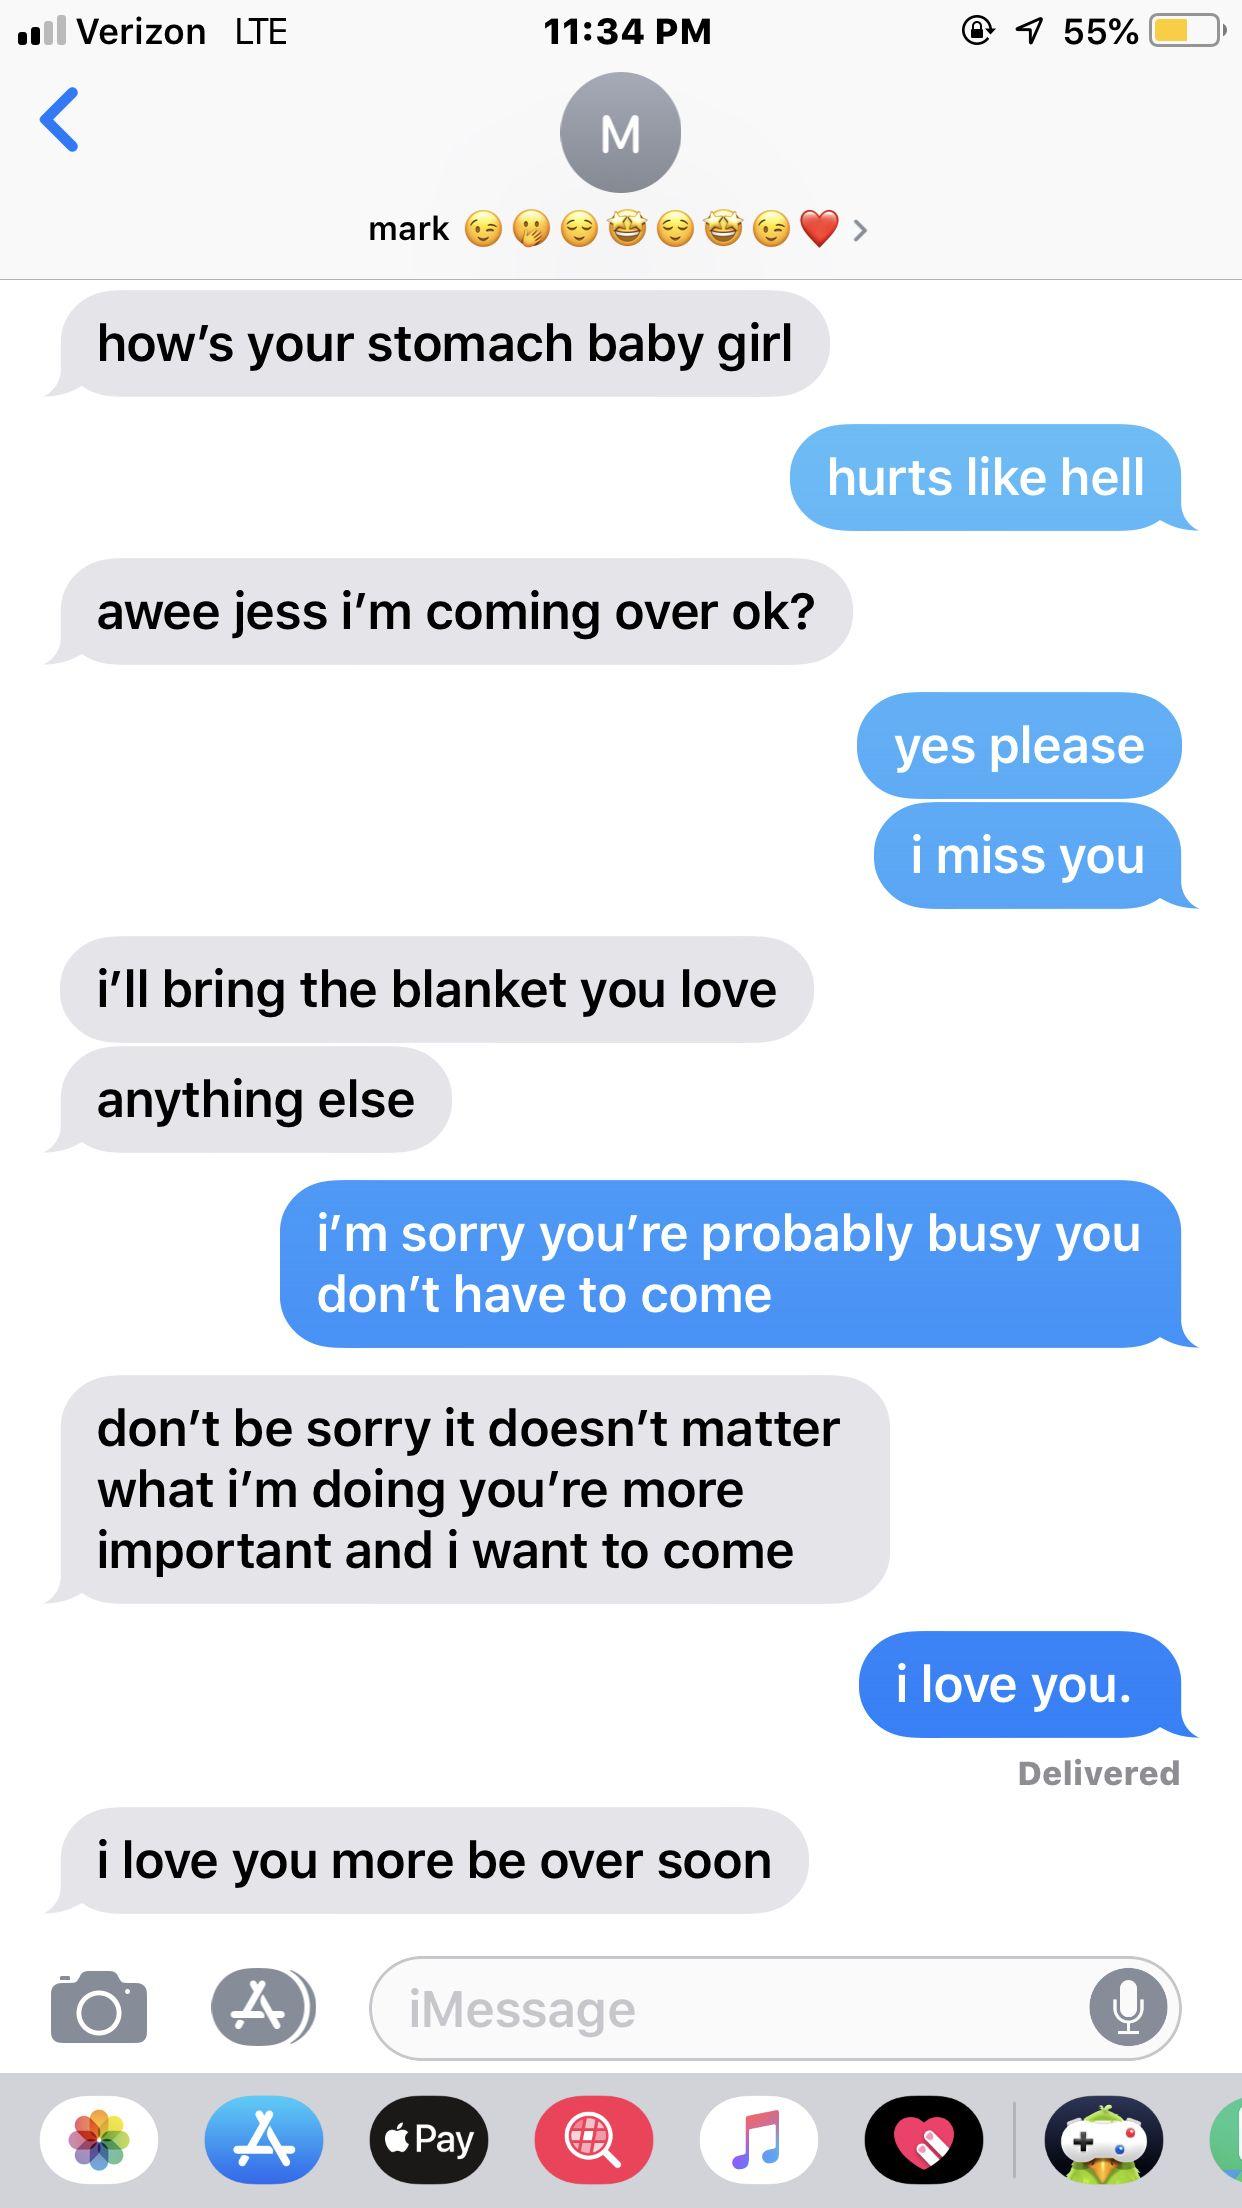 My girlfriend lives with her ex boyfriend